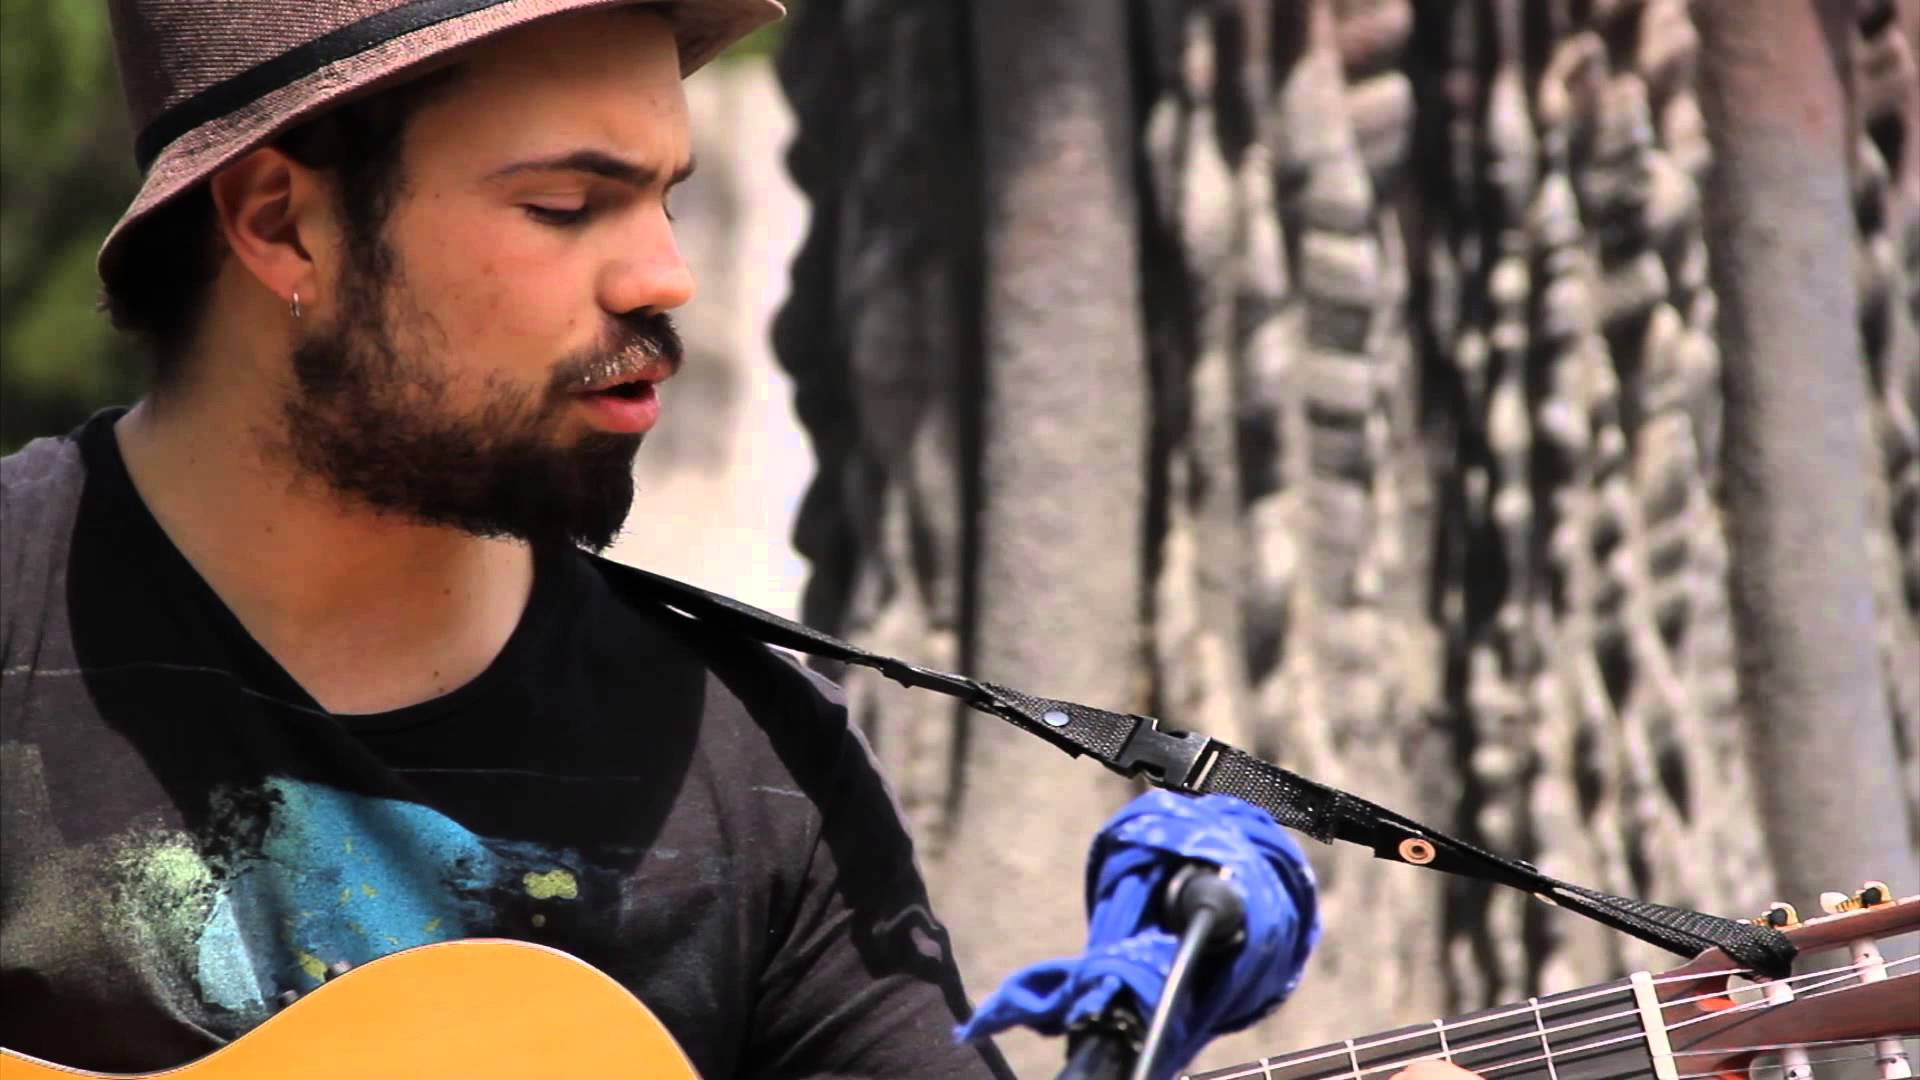 El artista nacional Josemaría Moure se presentará gratis en San Vicente de Tagua Tagua, Paredones y Machalí